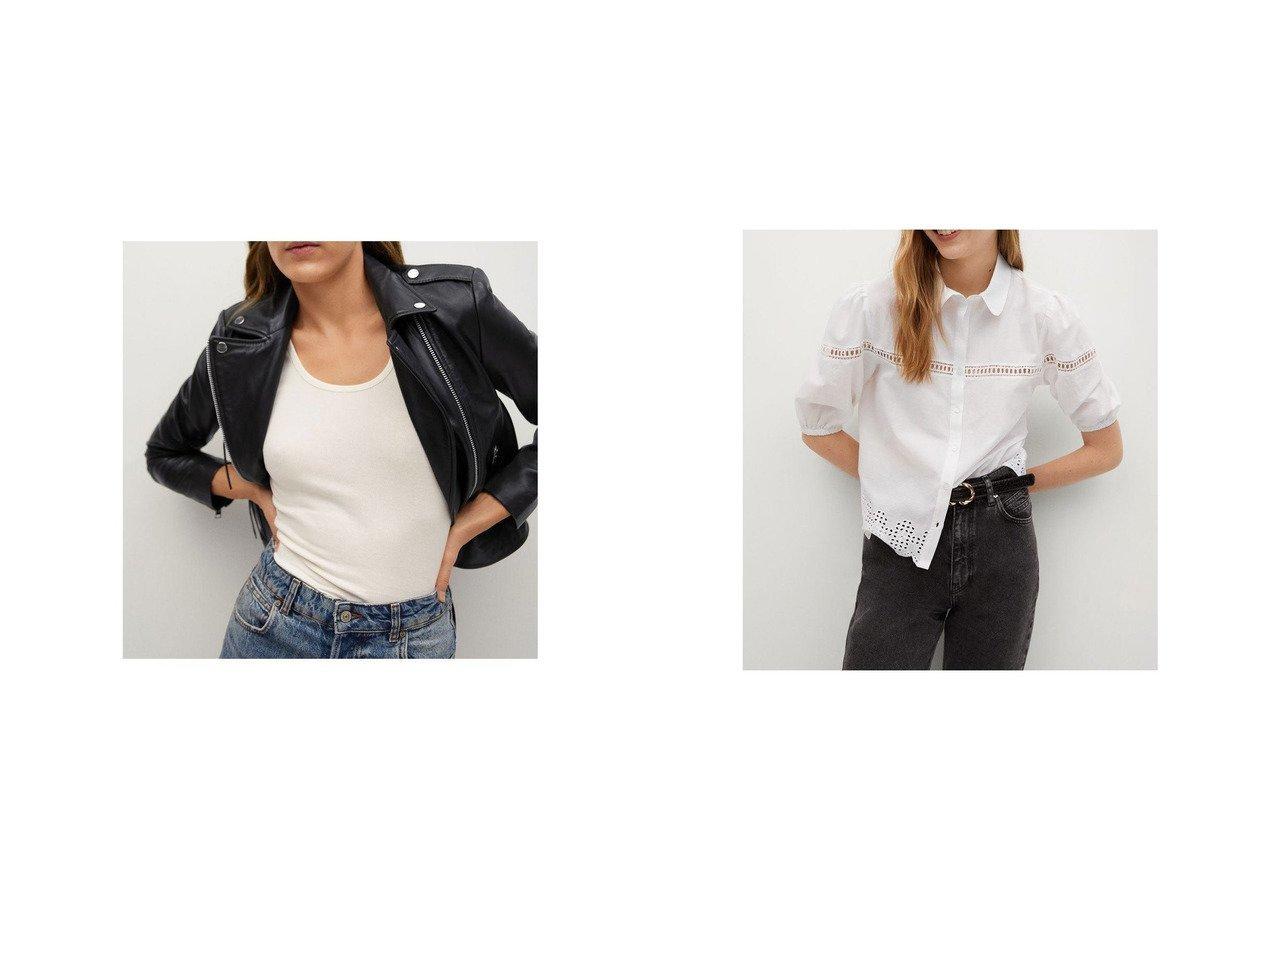 【MANGO/マンゴ】のクロップドジャケット .-- PERFECT&ブラウス .-- DUCKY-H MANGOのおすすめ!人気、トレンド・レディースファッションの通販  おすすめで人気の流行・トレンド、ファッションの通販商品 メンズファッション・キッズファッション・インテリア・家具・レディースファッション・服の通販 founy(ファニー) https://founy.com/ ファッション Fashion レディースファッション WOMEN アウター Coat Outerwear ジャケット Jackets トップス Tops Tshirt シャツ/ブラウス Shirts Blouses 2021年 2021 2021 春夏 S/S SS Spring/Summer 2021 S/S 春夏 SS Spring/Summer 春 Spring 長袖 フロント 半袖 透かし |ID:crp329100000017715